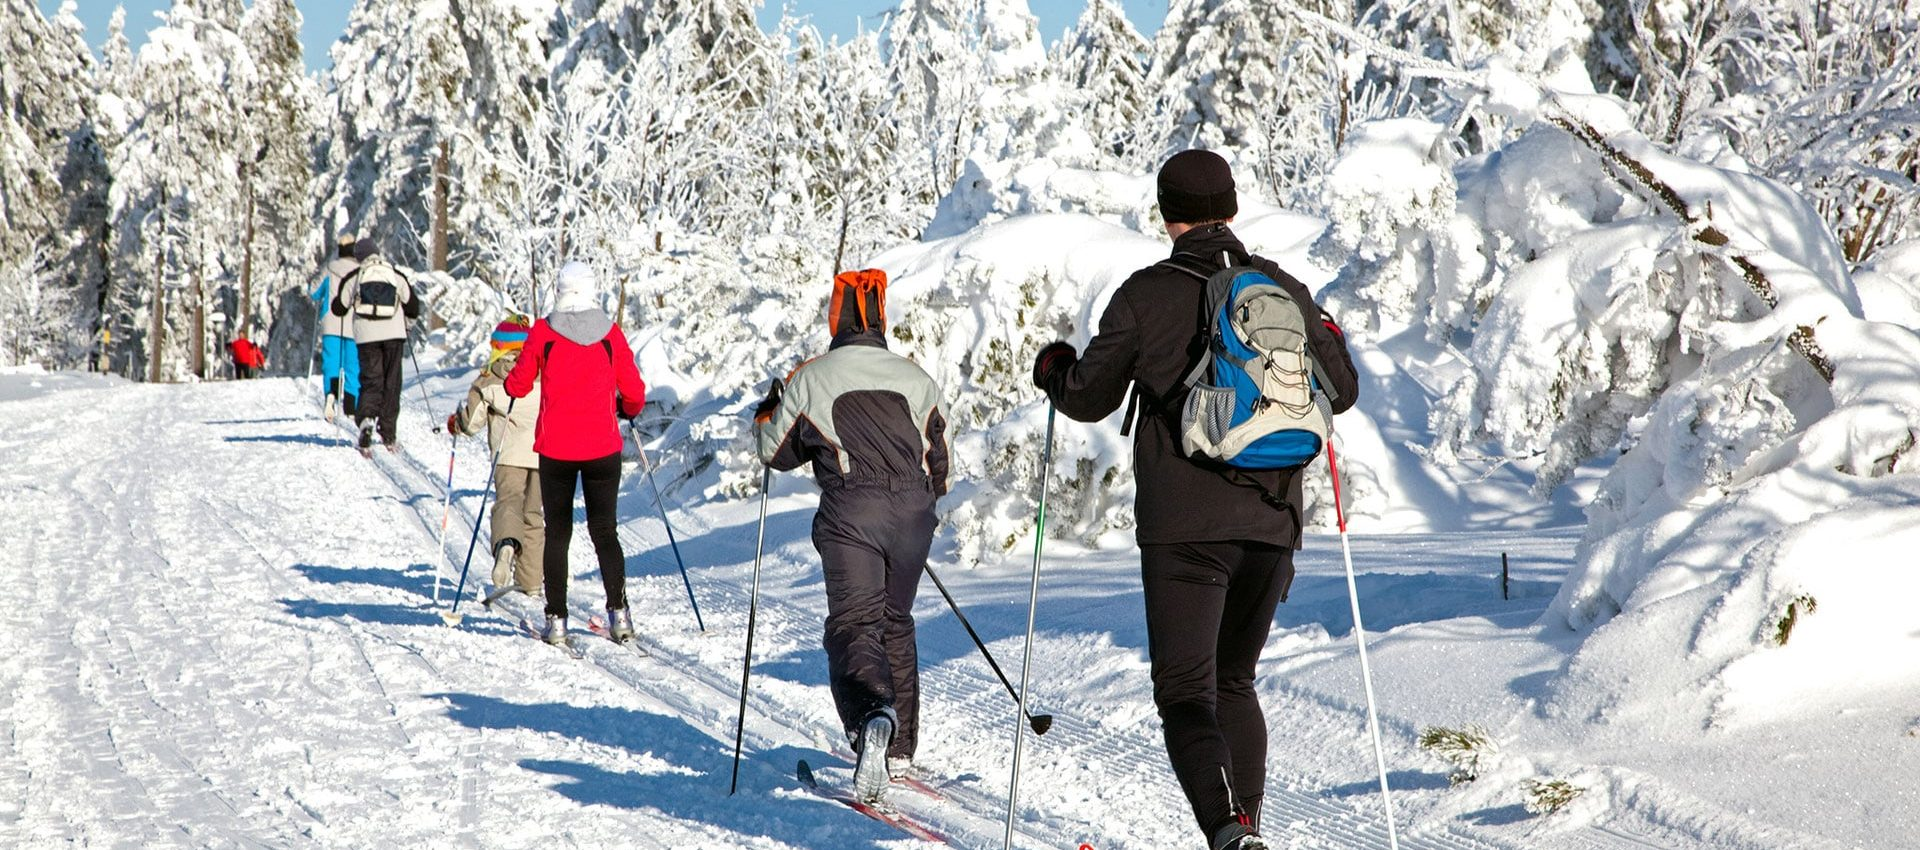 Des skieurs à fond